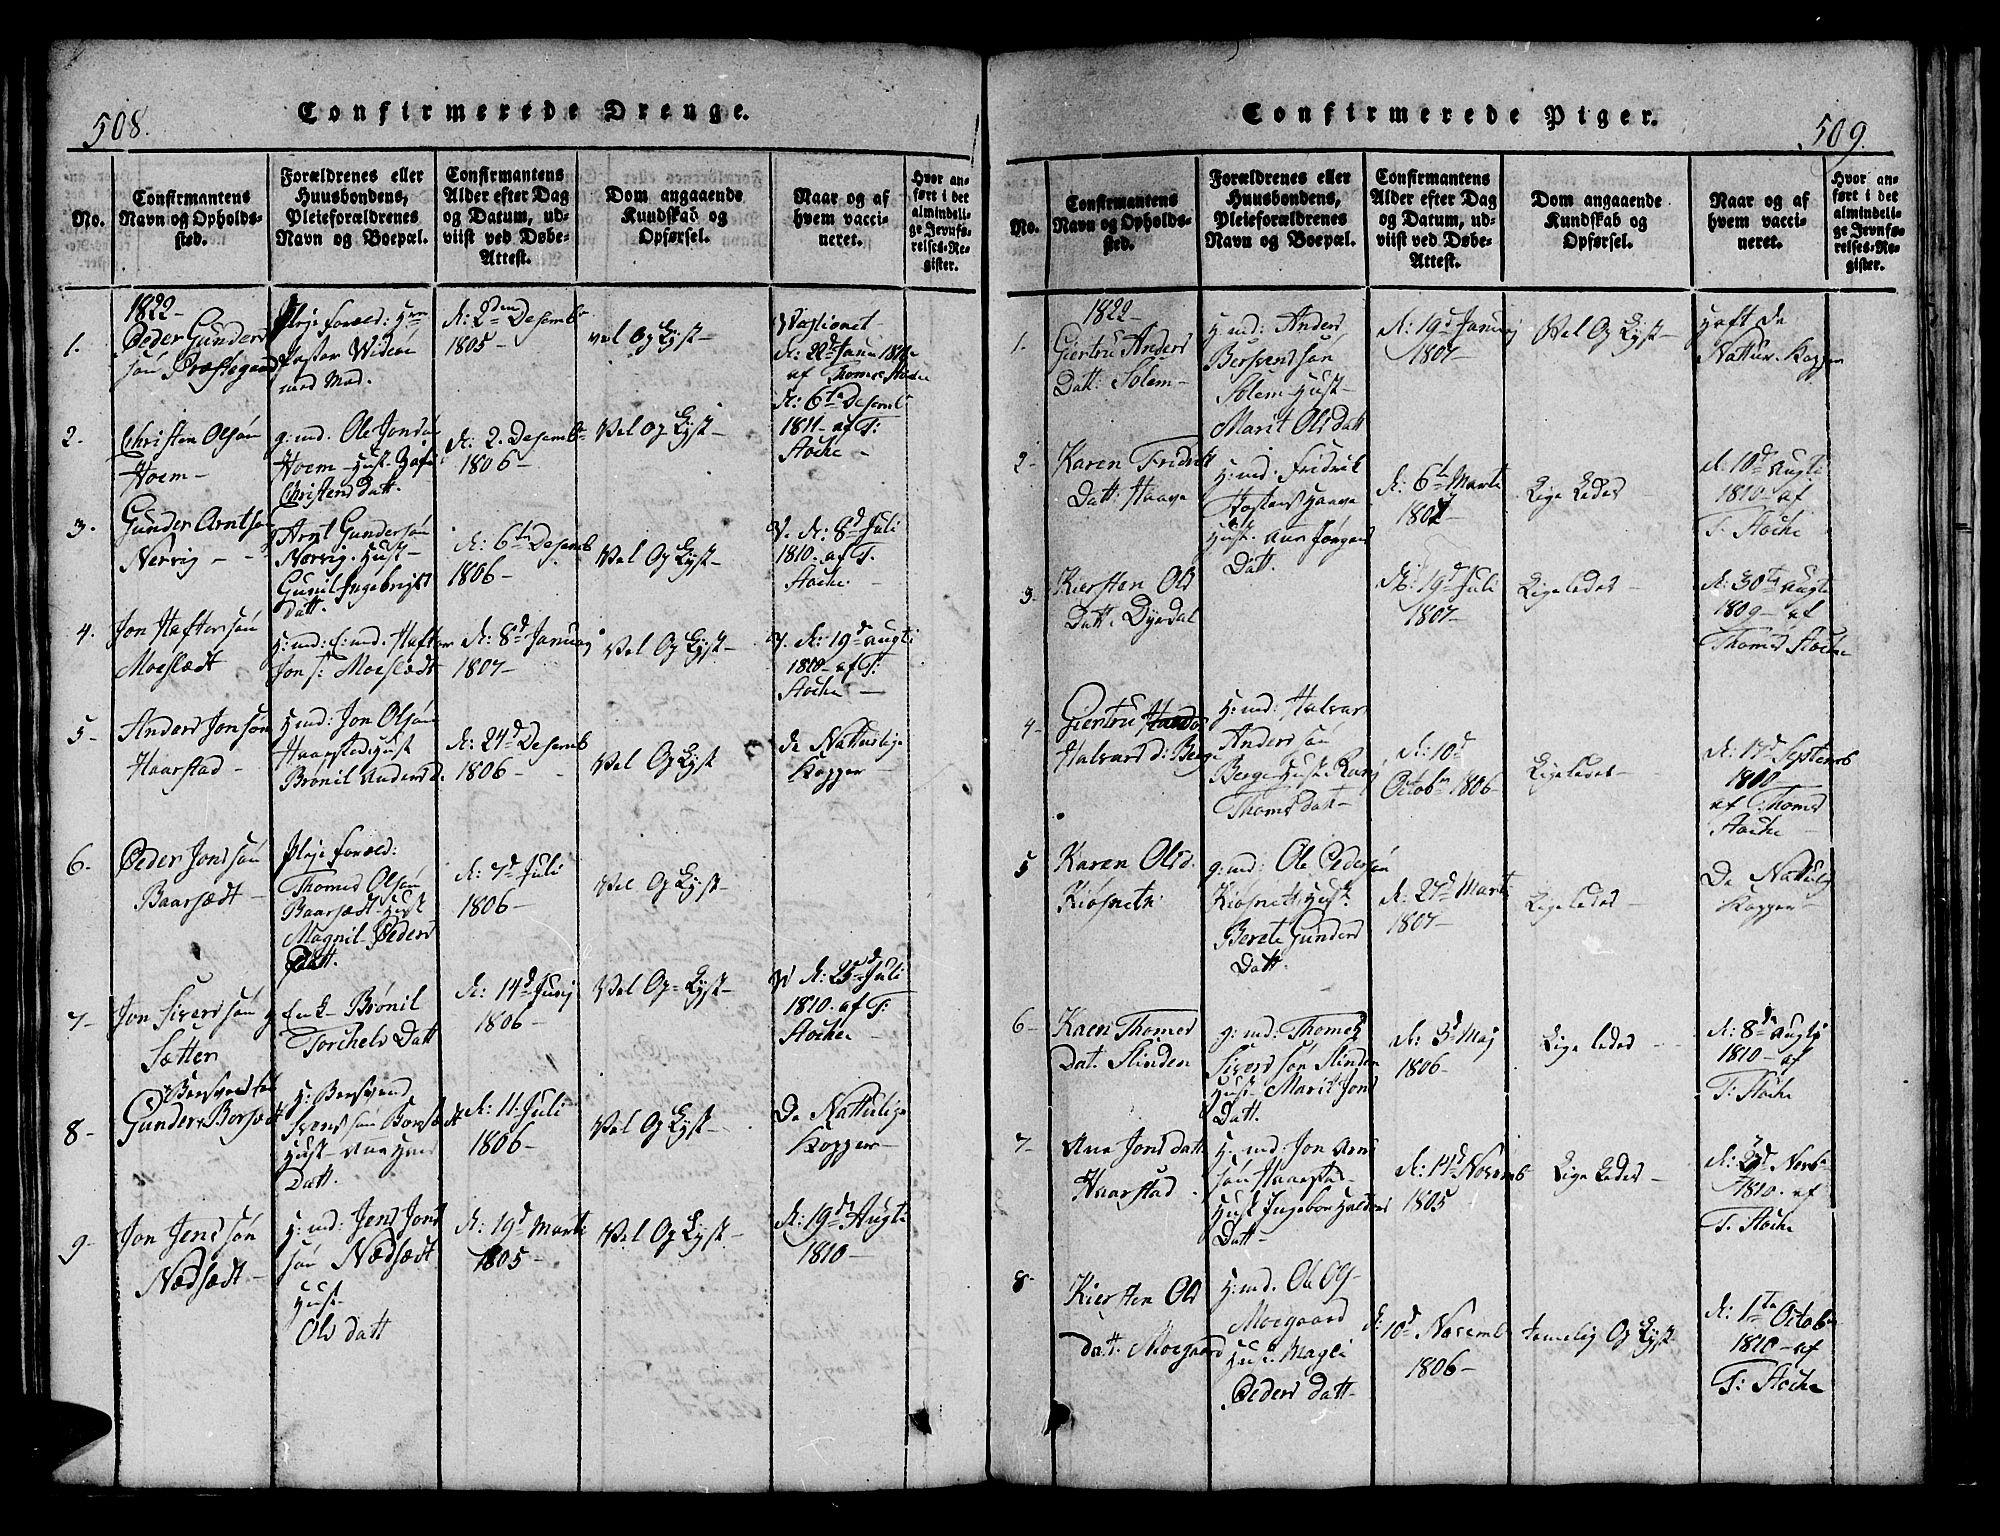 SAT, Ministerialprotokoller, klokkerbøker og fødselsregistre - Sør-Trøndelag, 695/L1152: Klokkerbok nr. 695C03, 1816-1831, s. 508-509